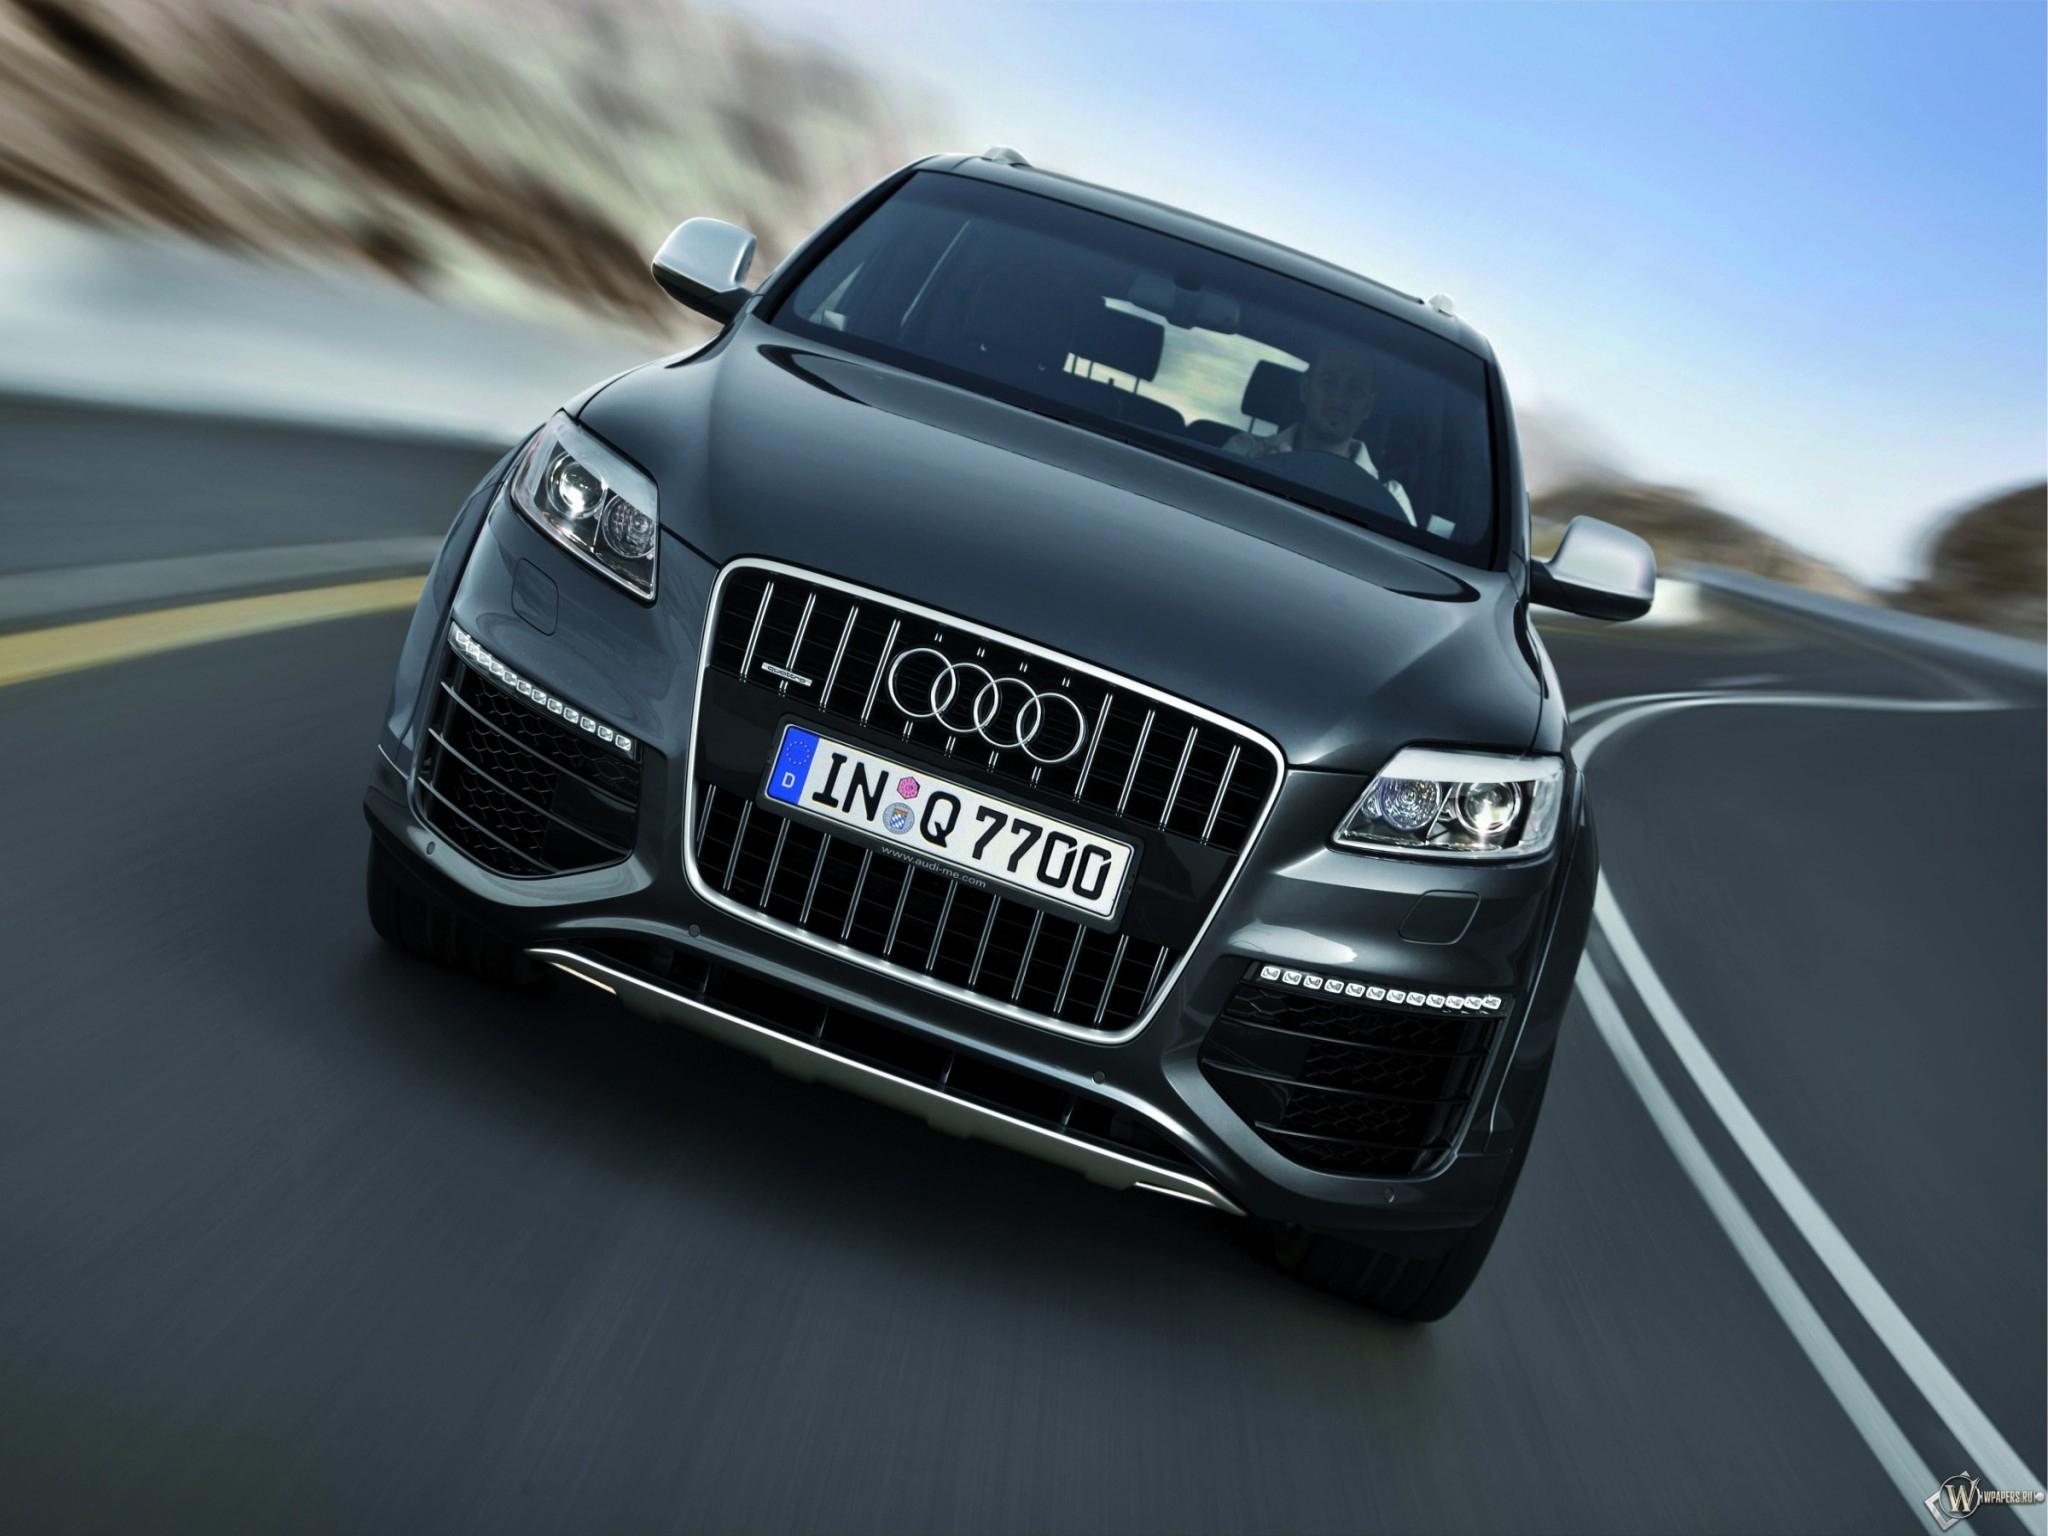 Продажи автомобилей Audi в Беларуси выросли больше чем на треть